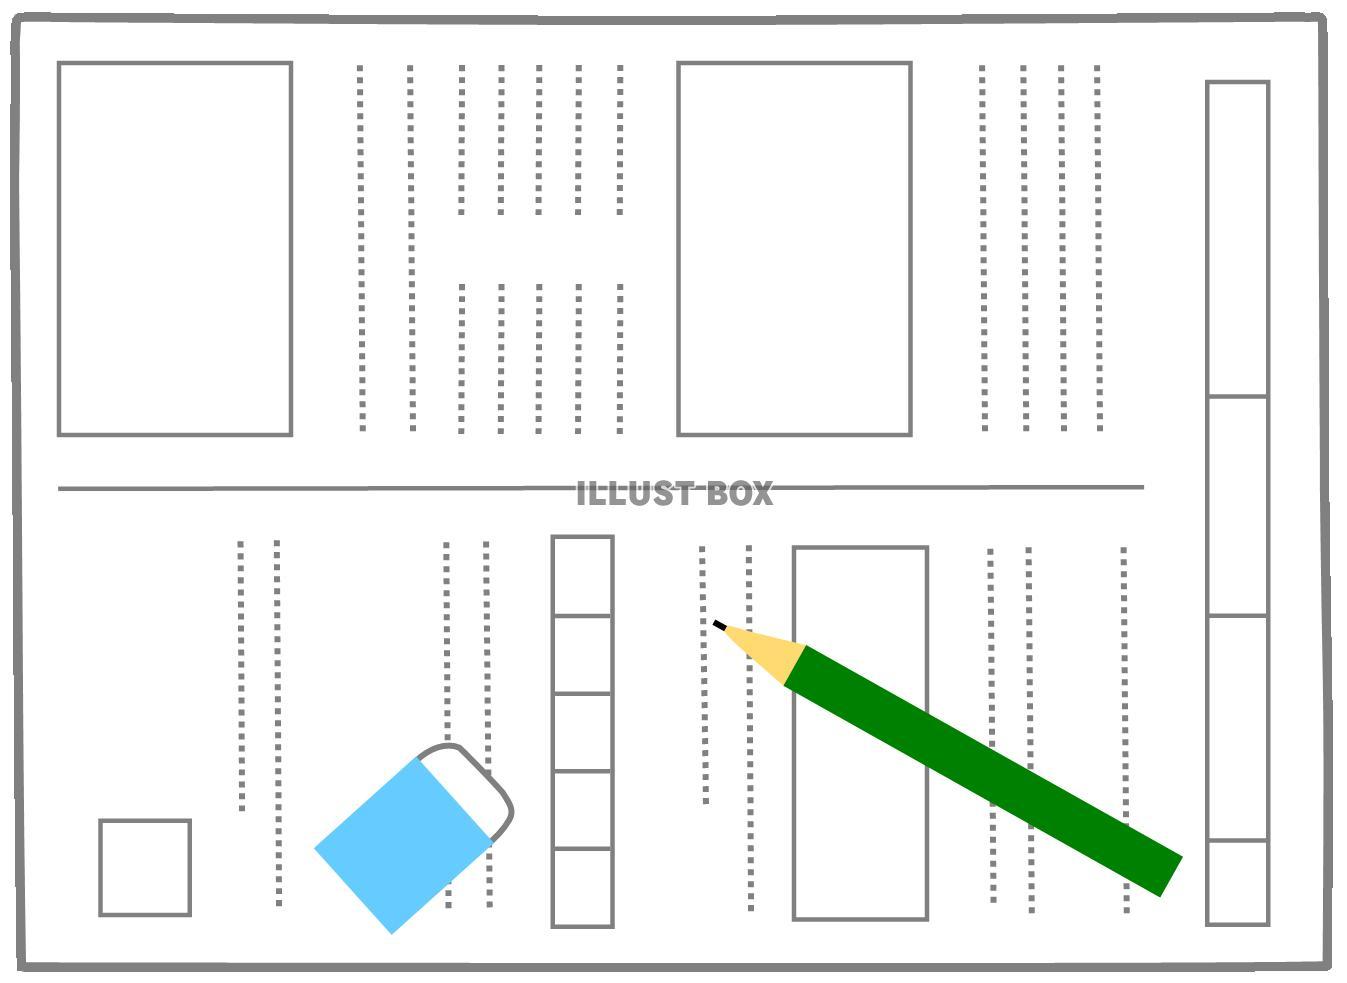 無料イラスト テスト用紙・宿題プリント2 (受験勉強、学習、授業、鉛筆